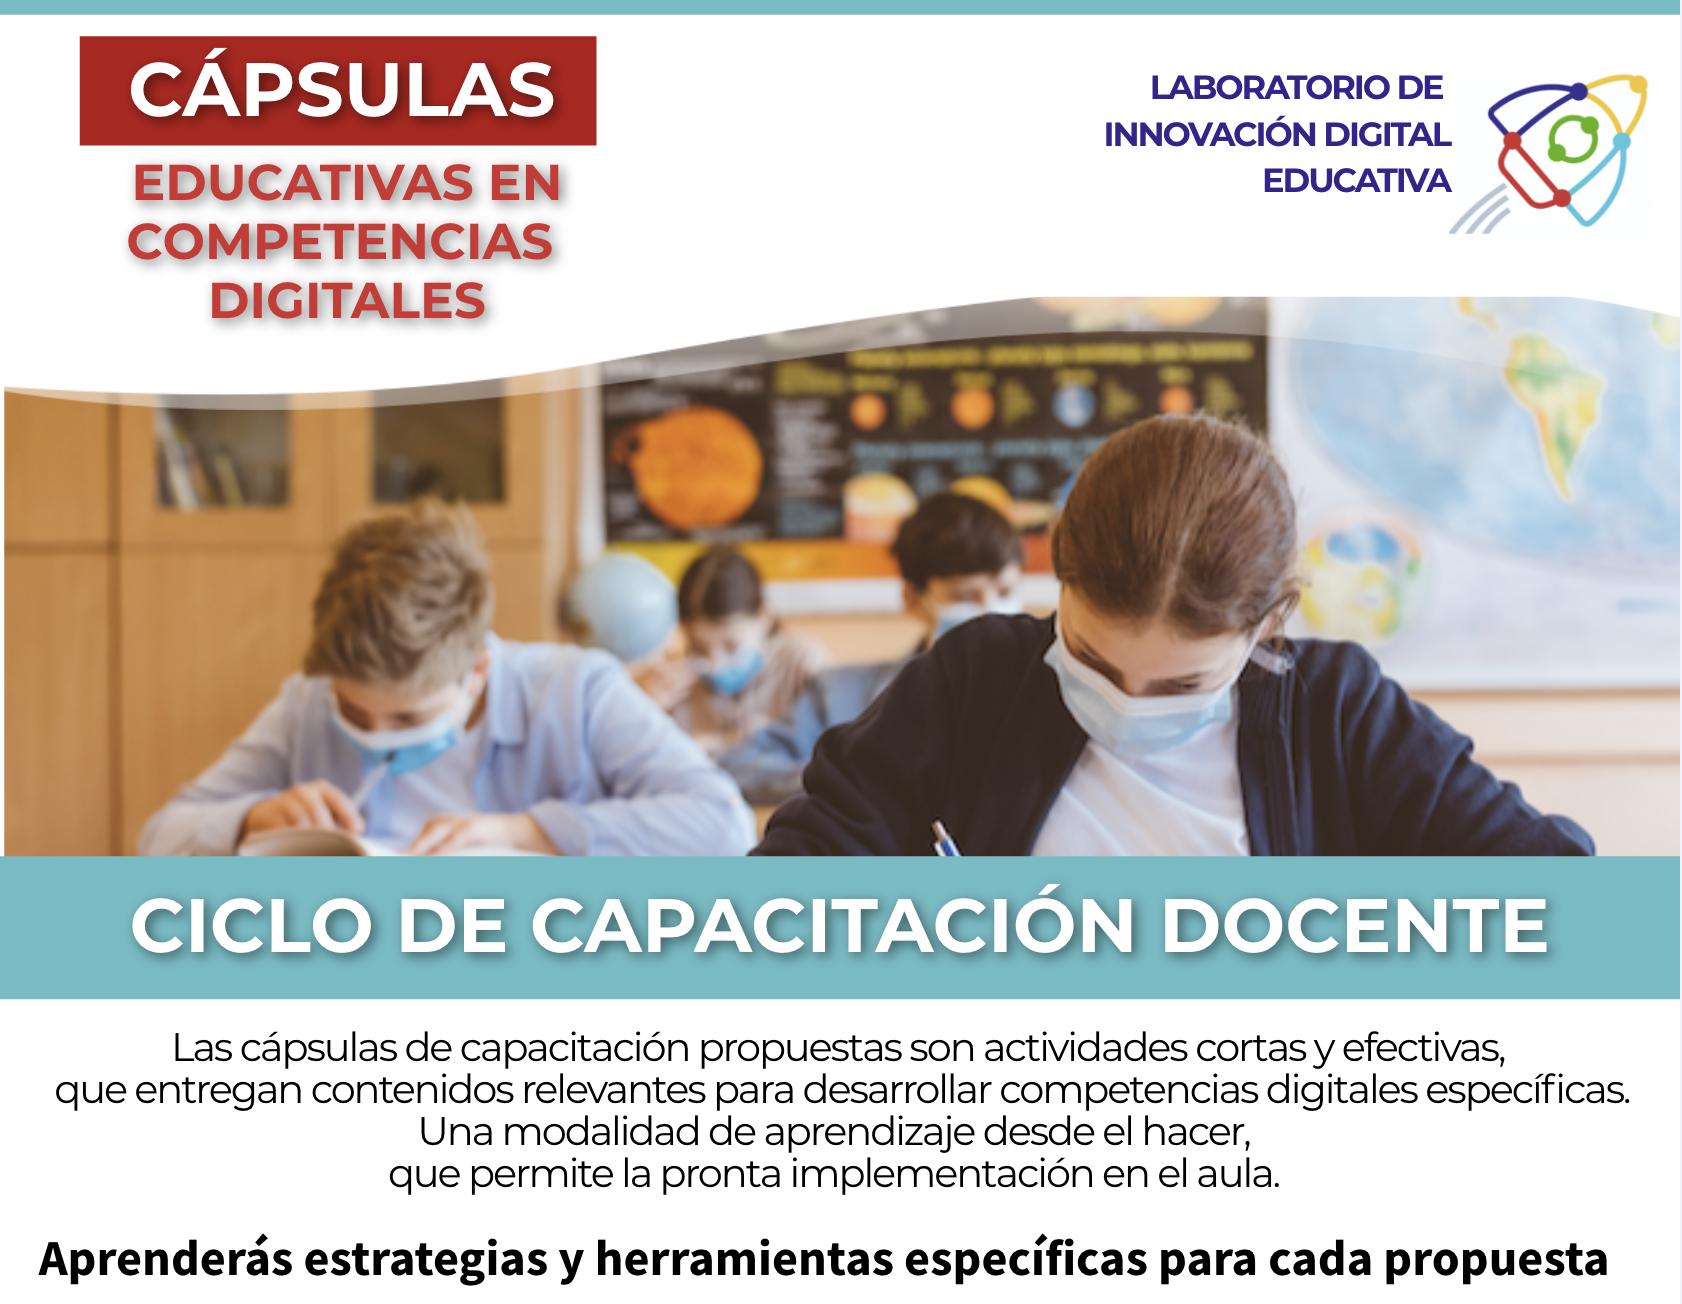 Cápsulas Educativas en Competencias Digitales